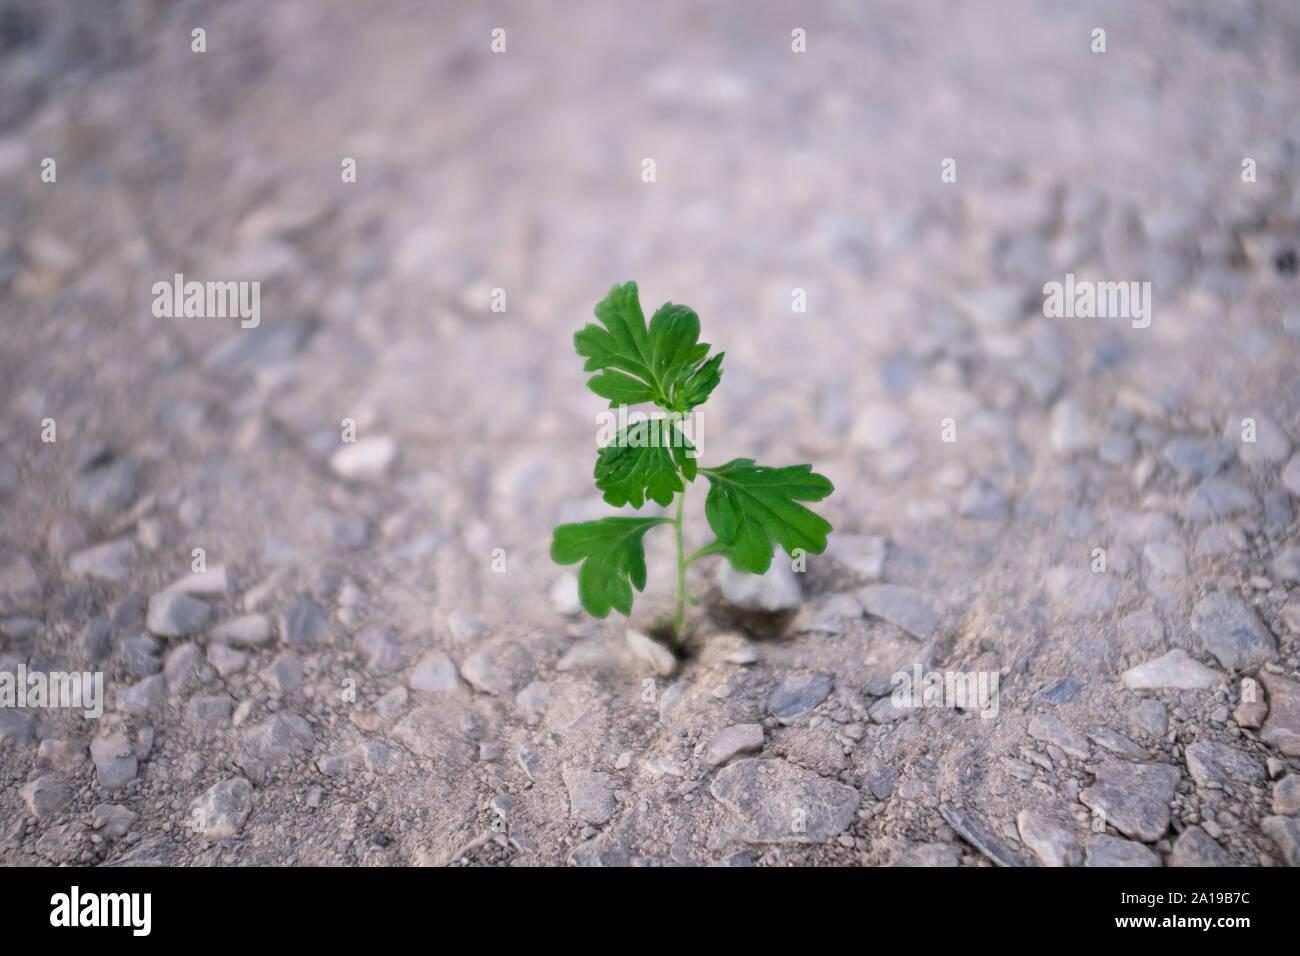 Amplio ángulo de disparo baja pequeña verde césped que crece fuera del árido seco piedras, fondo fuera de foco. La esperanza y la lucha por la vida temas conceptuales. Foto de stock